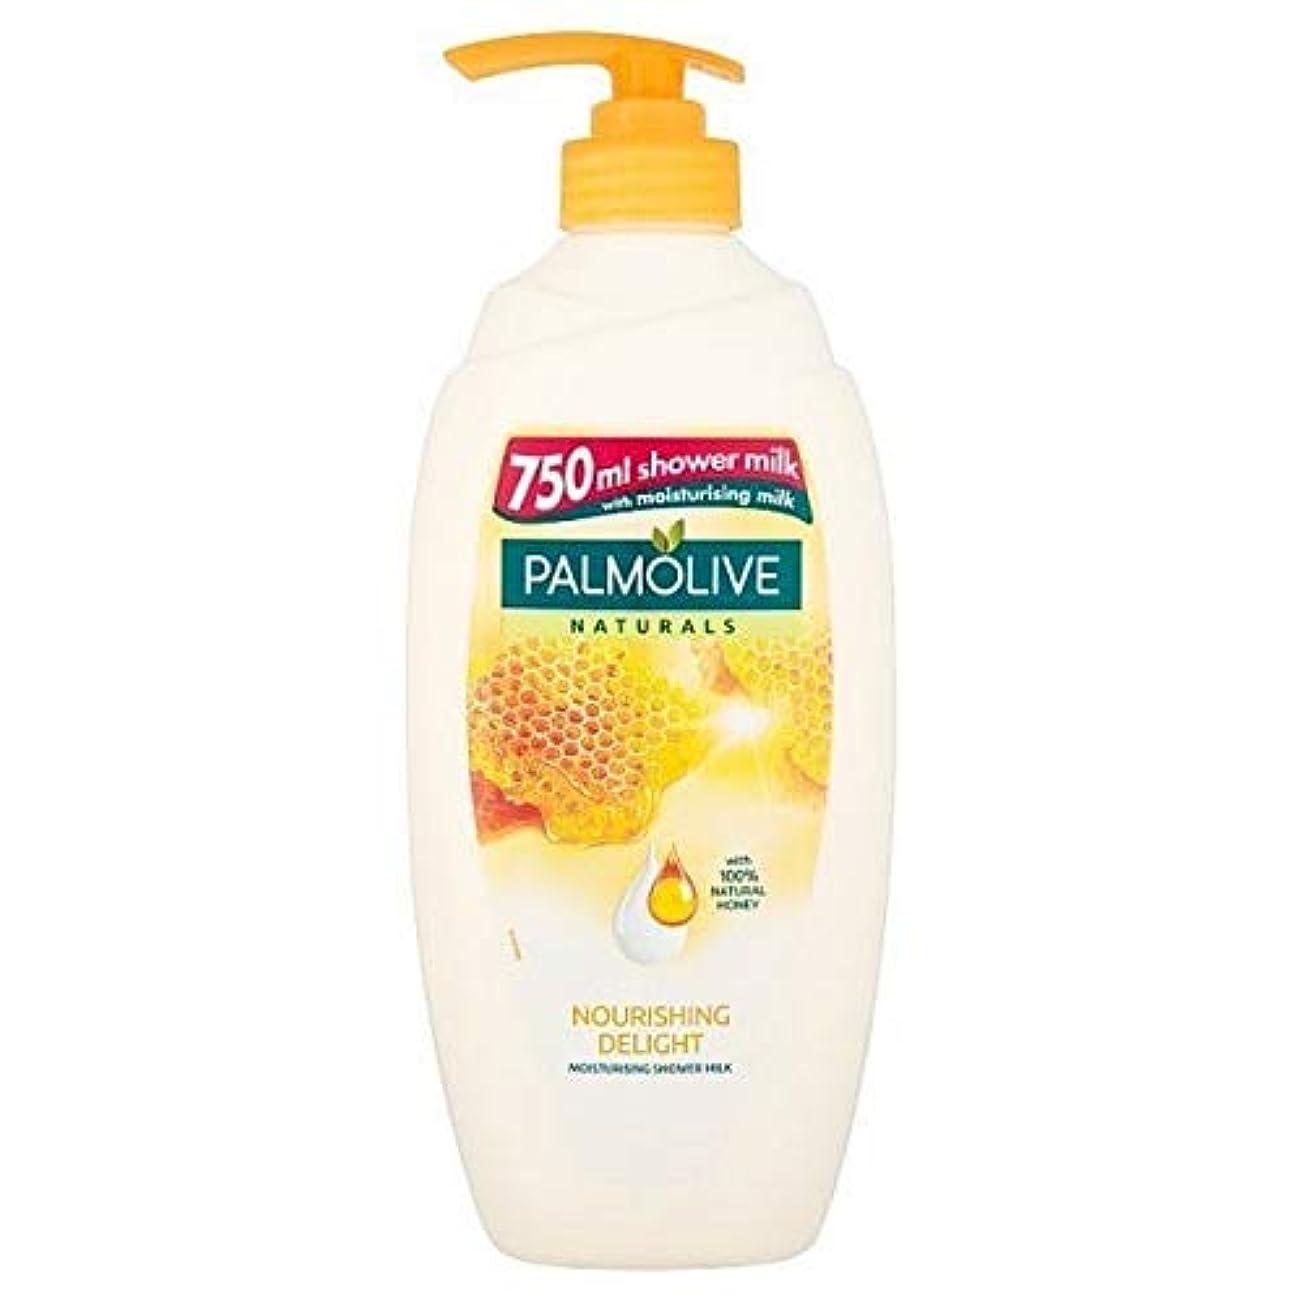 論理的に安価な強大な[Palmolive ] パルモライブナチュラルミルク&ハニーシャワージェルクリーム750ミリリットル - Palmolive Naturals Milk & Honey Shower Gel Cream 750ml [...